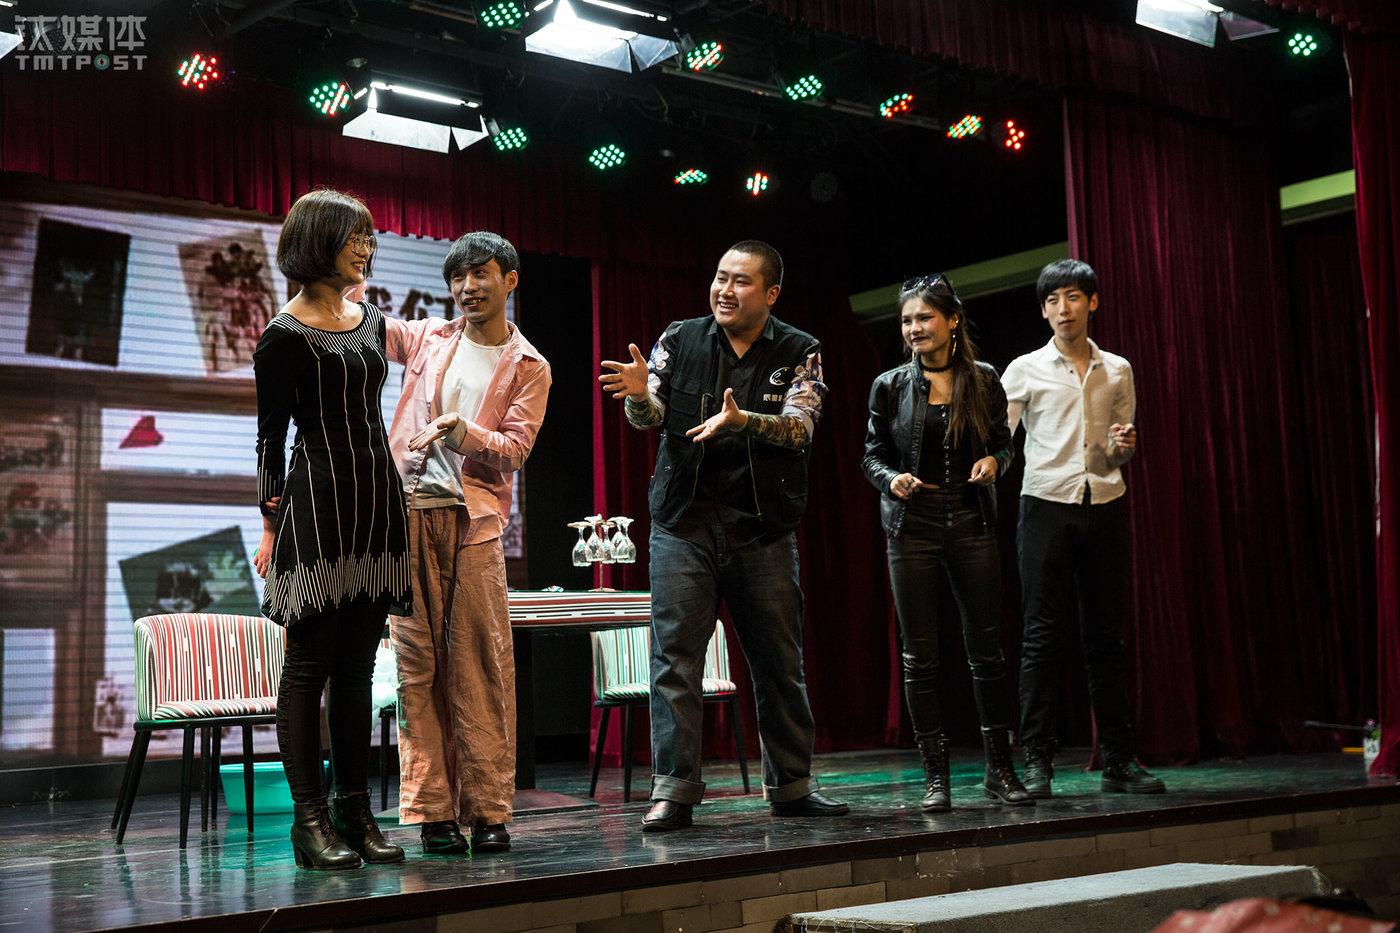 《夏姬罢演》是一出近景即兴喜剧,其中有一场戏,演员会现场随机邀观众(左1)上台一起演。这个时长2小时的喜剧讲述了一群年轻人是如何追寻自己的演员梦。